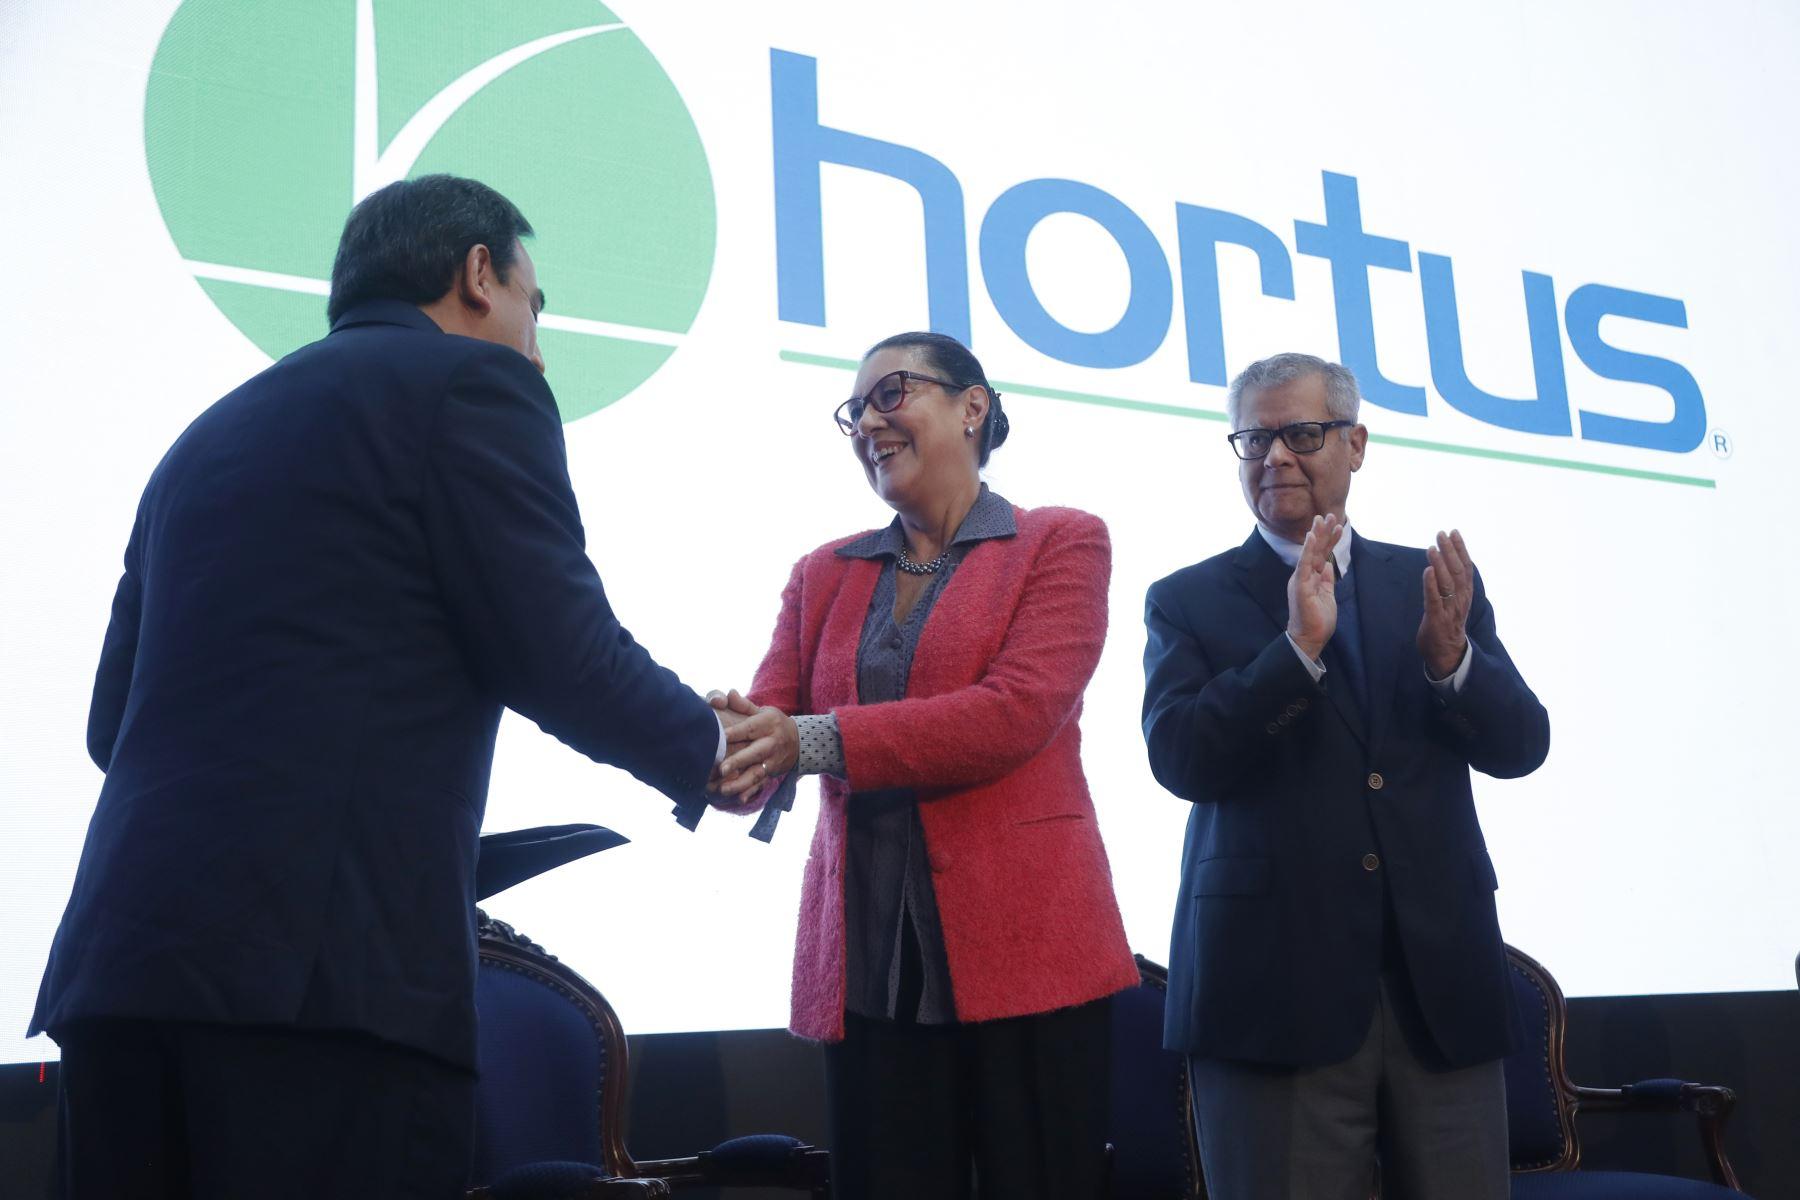 Reconocimiento a la empresa Hortus, en la Semana Nacional de la Innovación. Foto: ANDINA/Josue Ramos